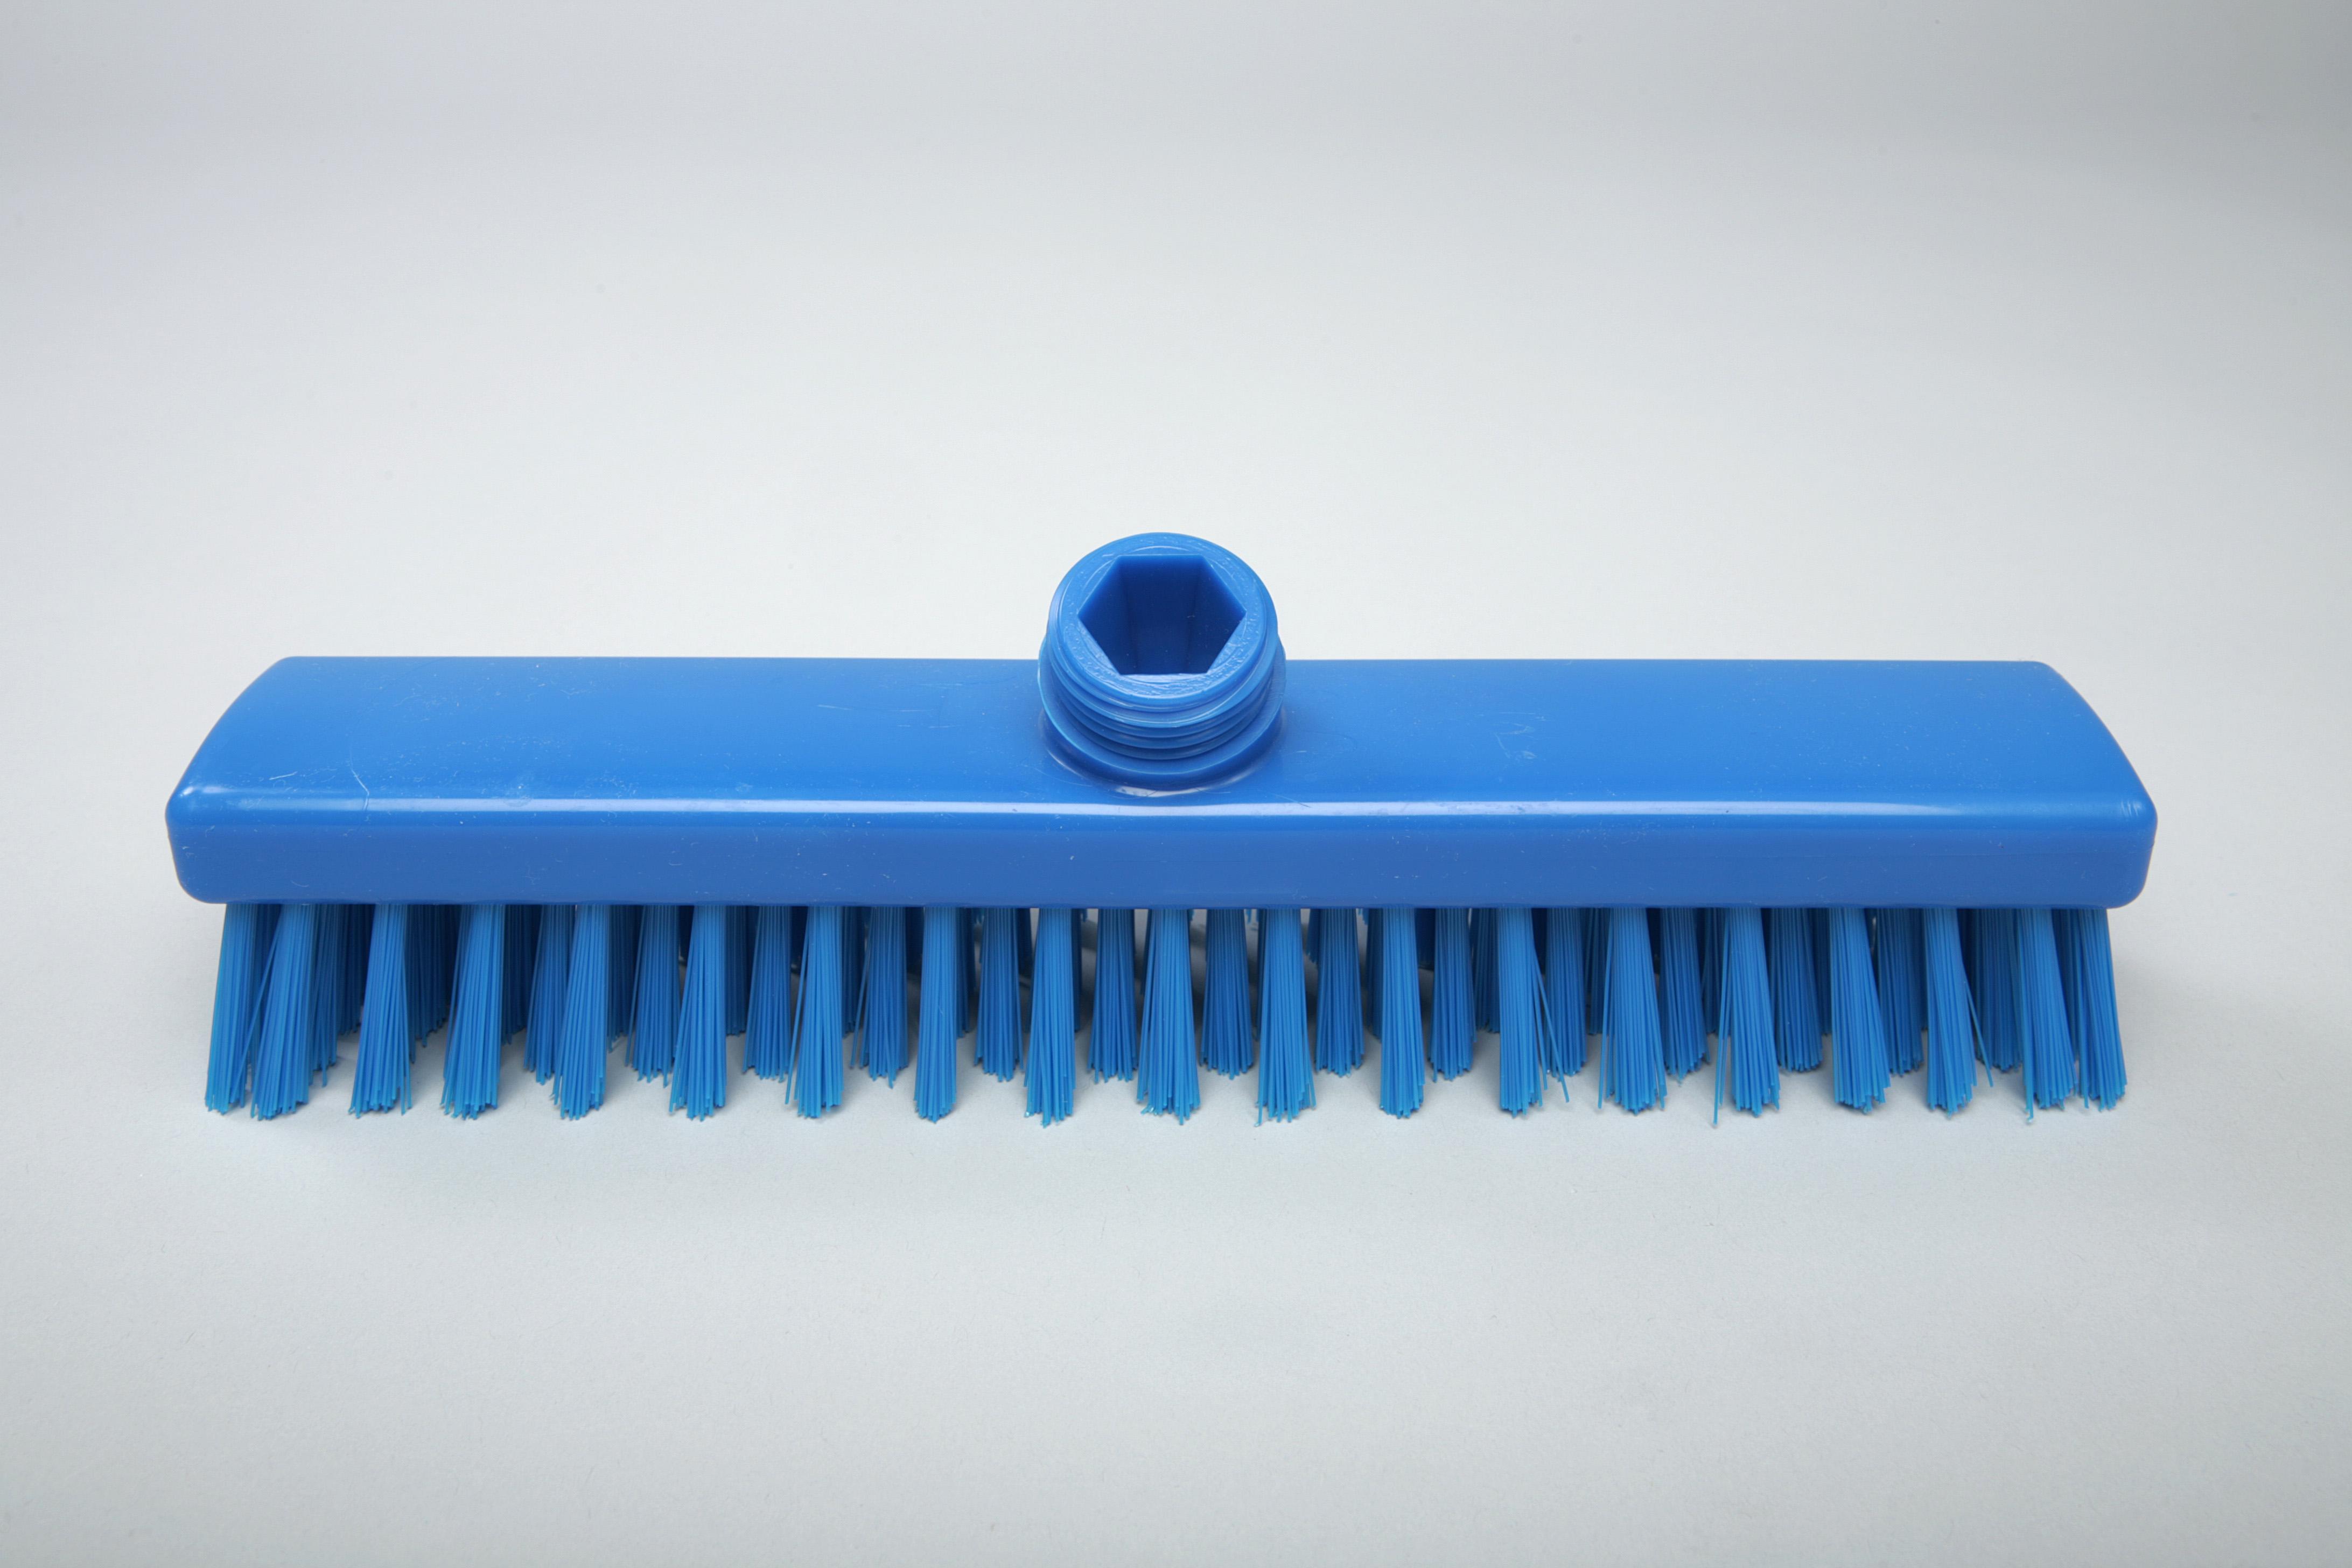 Unimop küürimishari 280 x 50 x 30 mm, tugev, sinine, kastis 6 tk